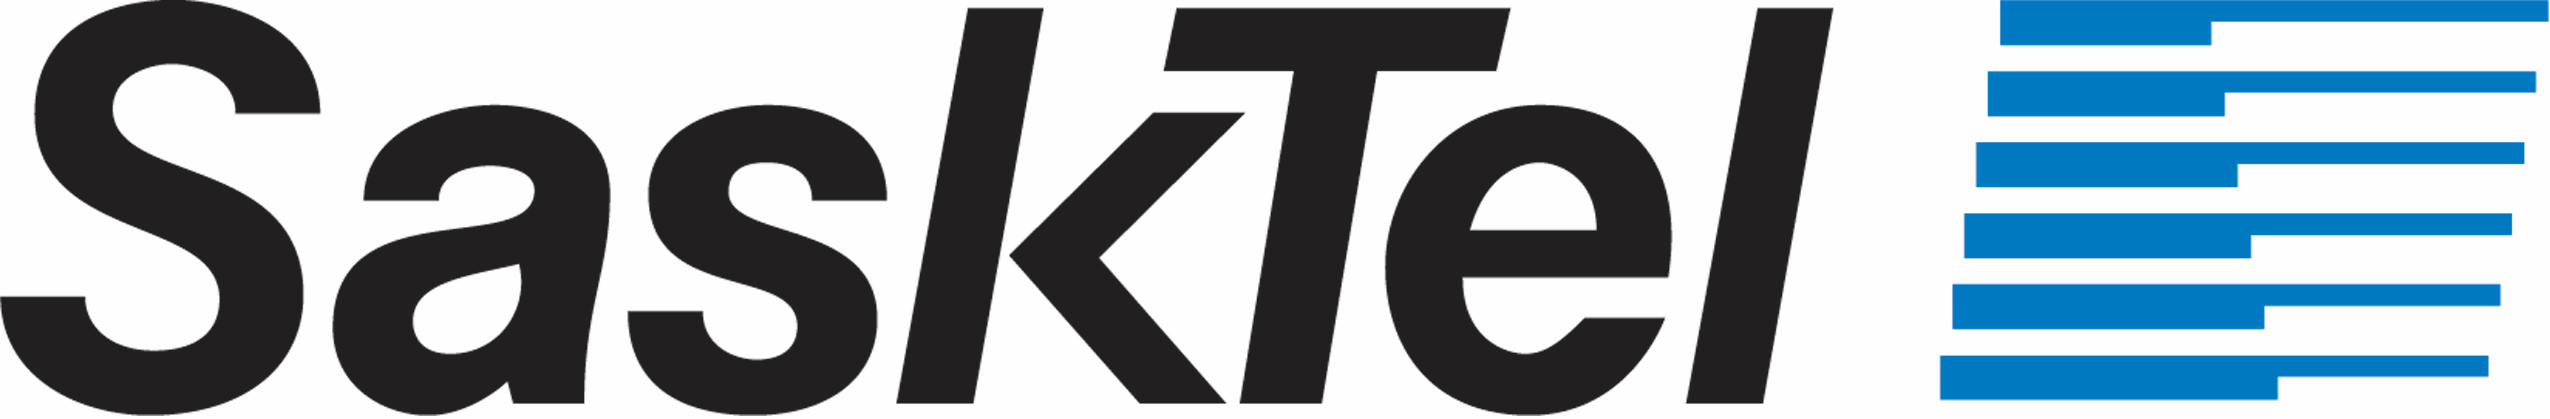 sponsorSasktel